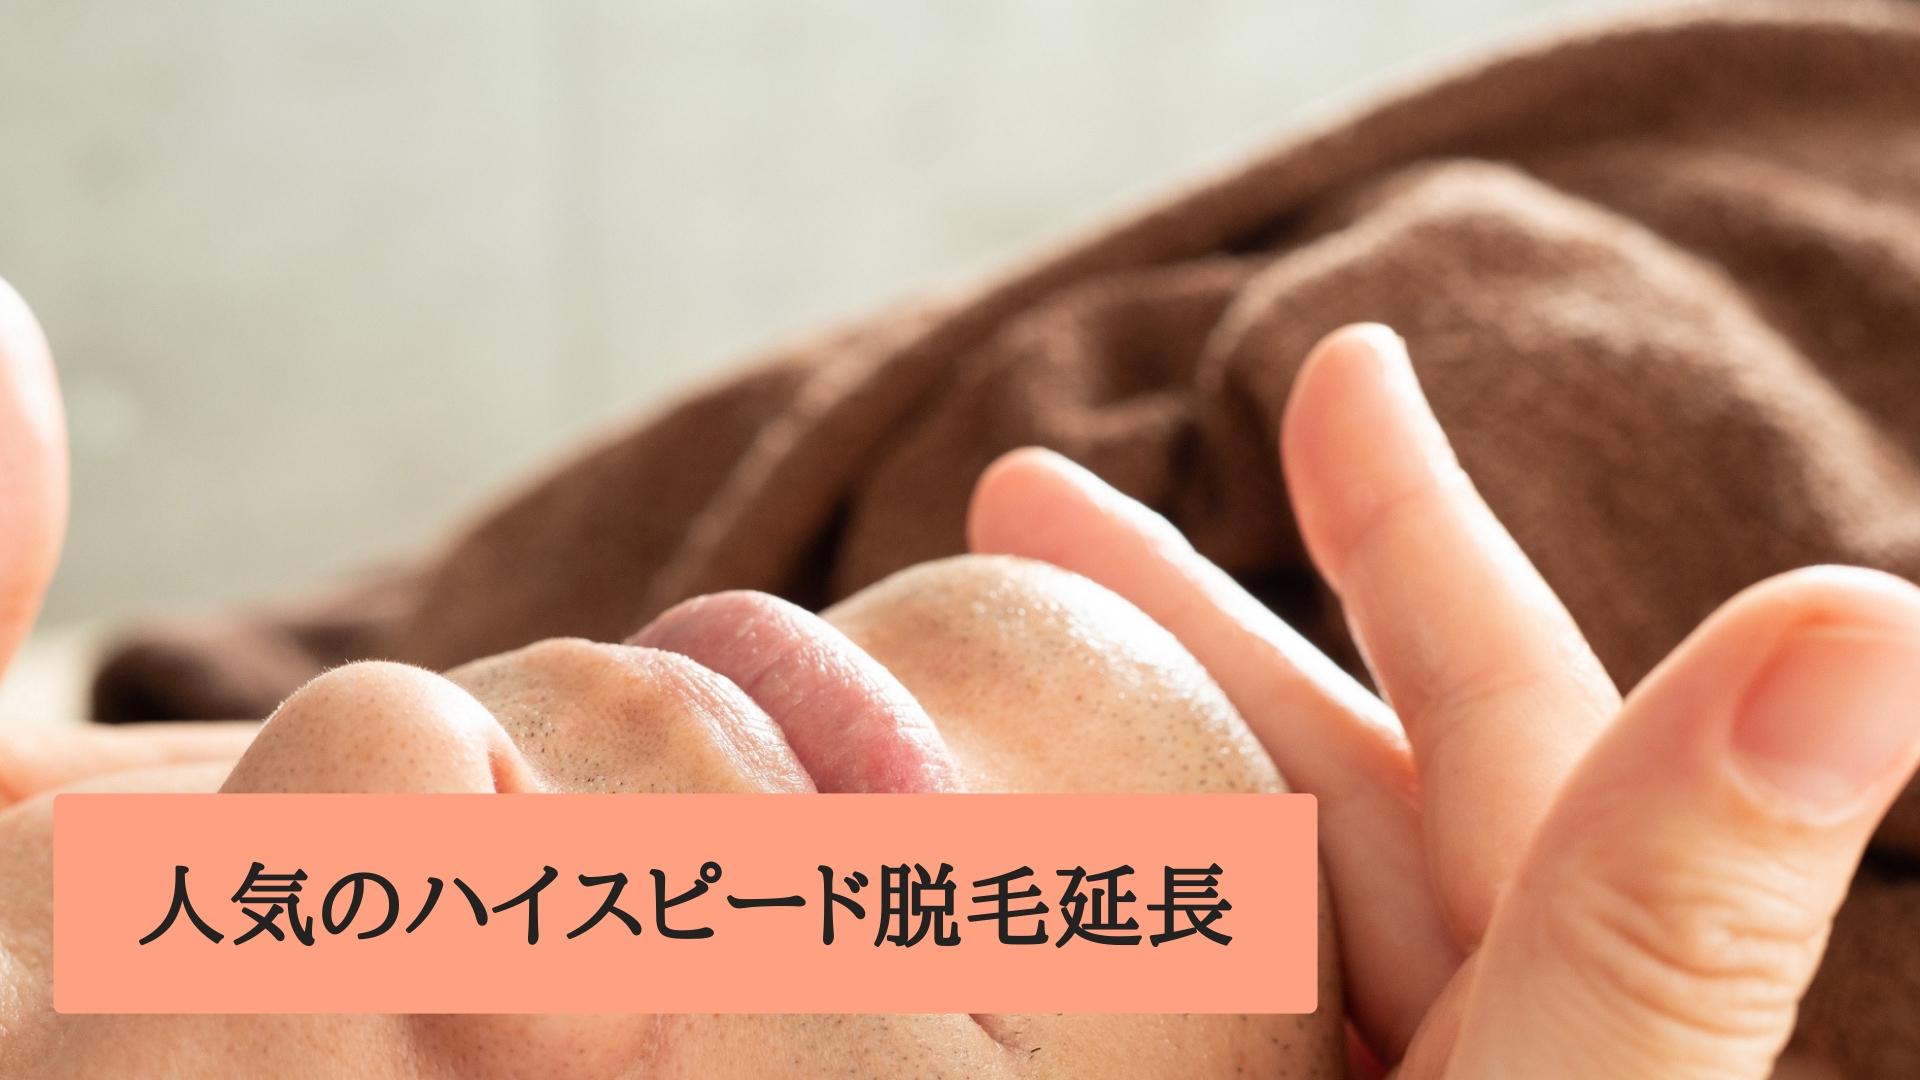 人気のハイスピ-ド脱毛キャンペーン延長